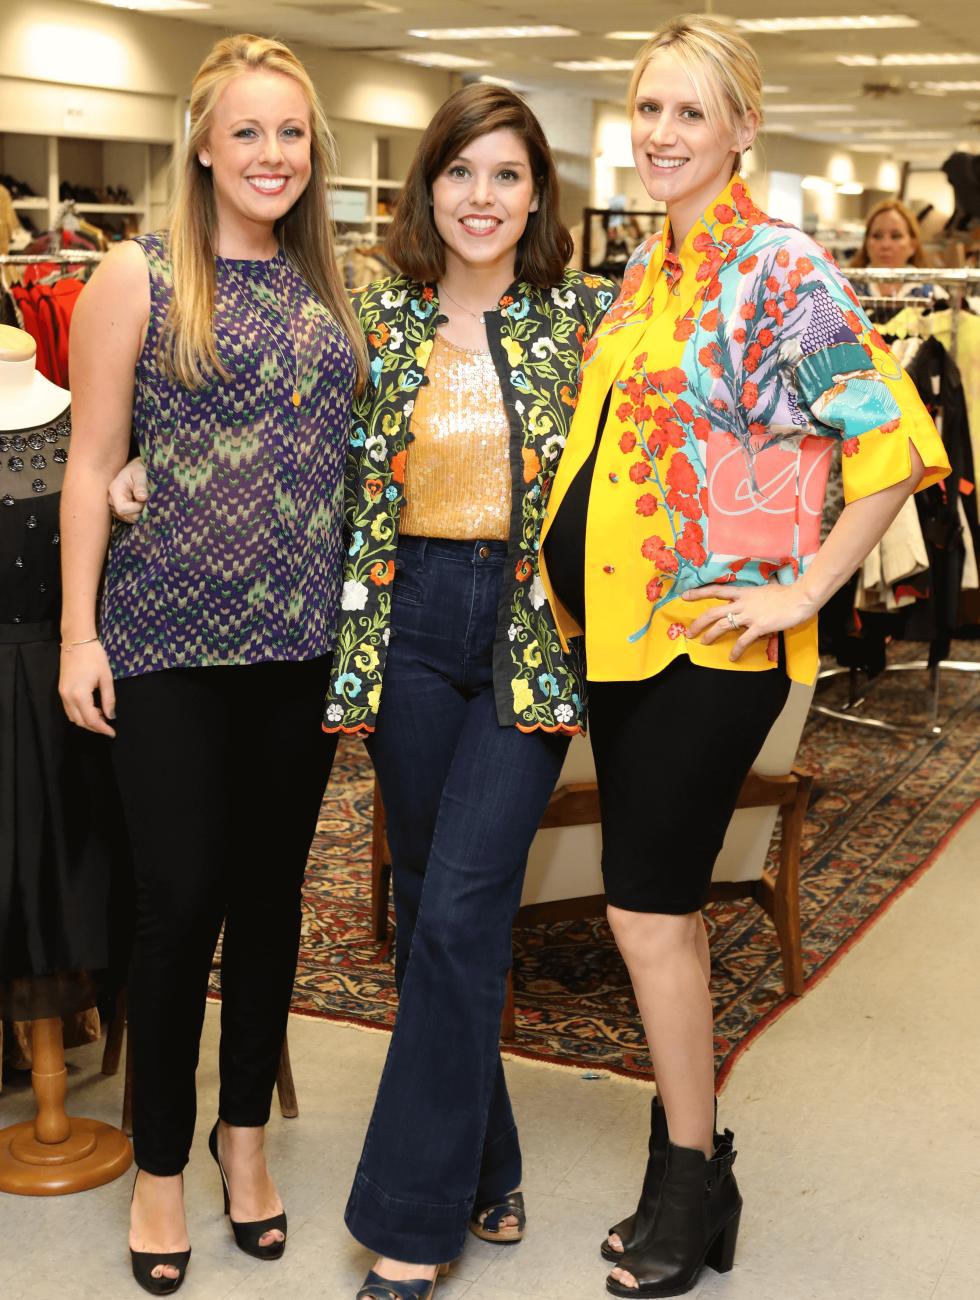 Houston, Blue Bird Circle Young Professional Partnership, Oct 2016, Catherine Luebe, Regina Romano, Ashley Forrest